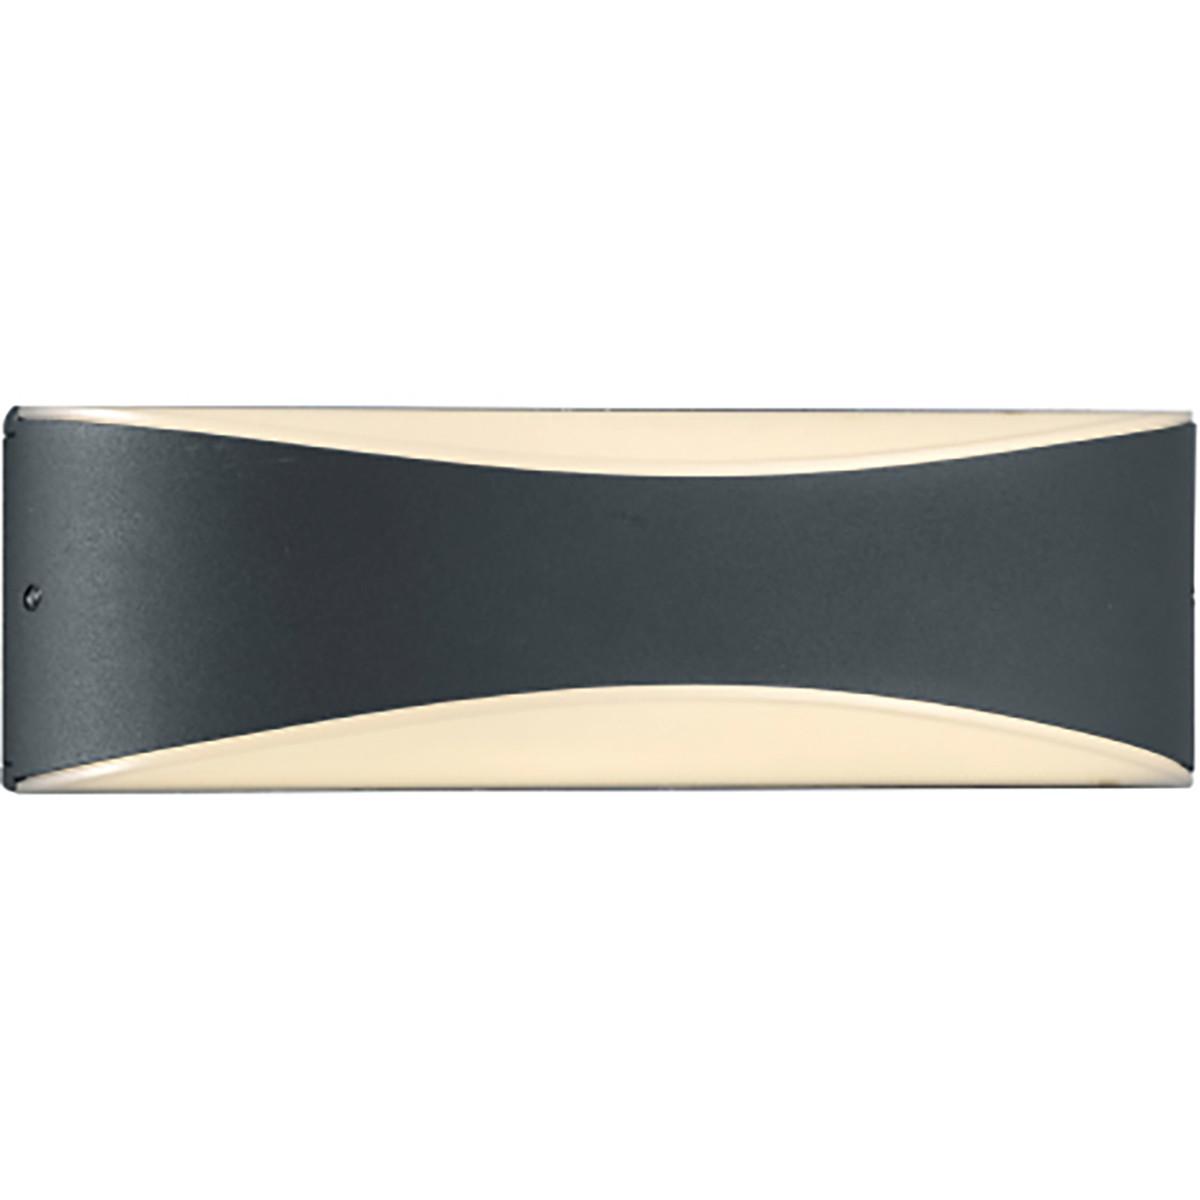 LED Tuinverlichting - Tuinlamp - Trion Kinda - Wand - 9W - Mat Zwart - Aluminium